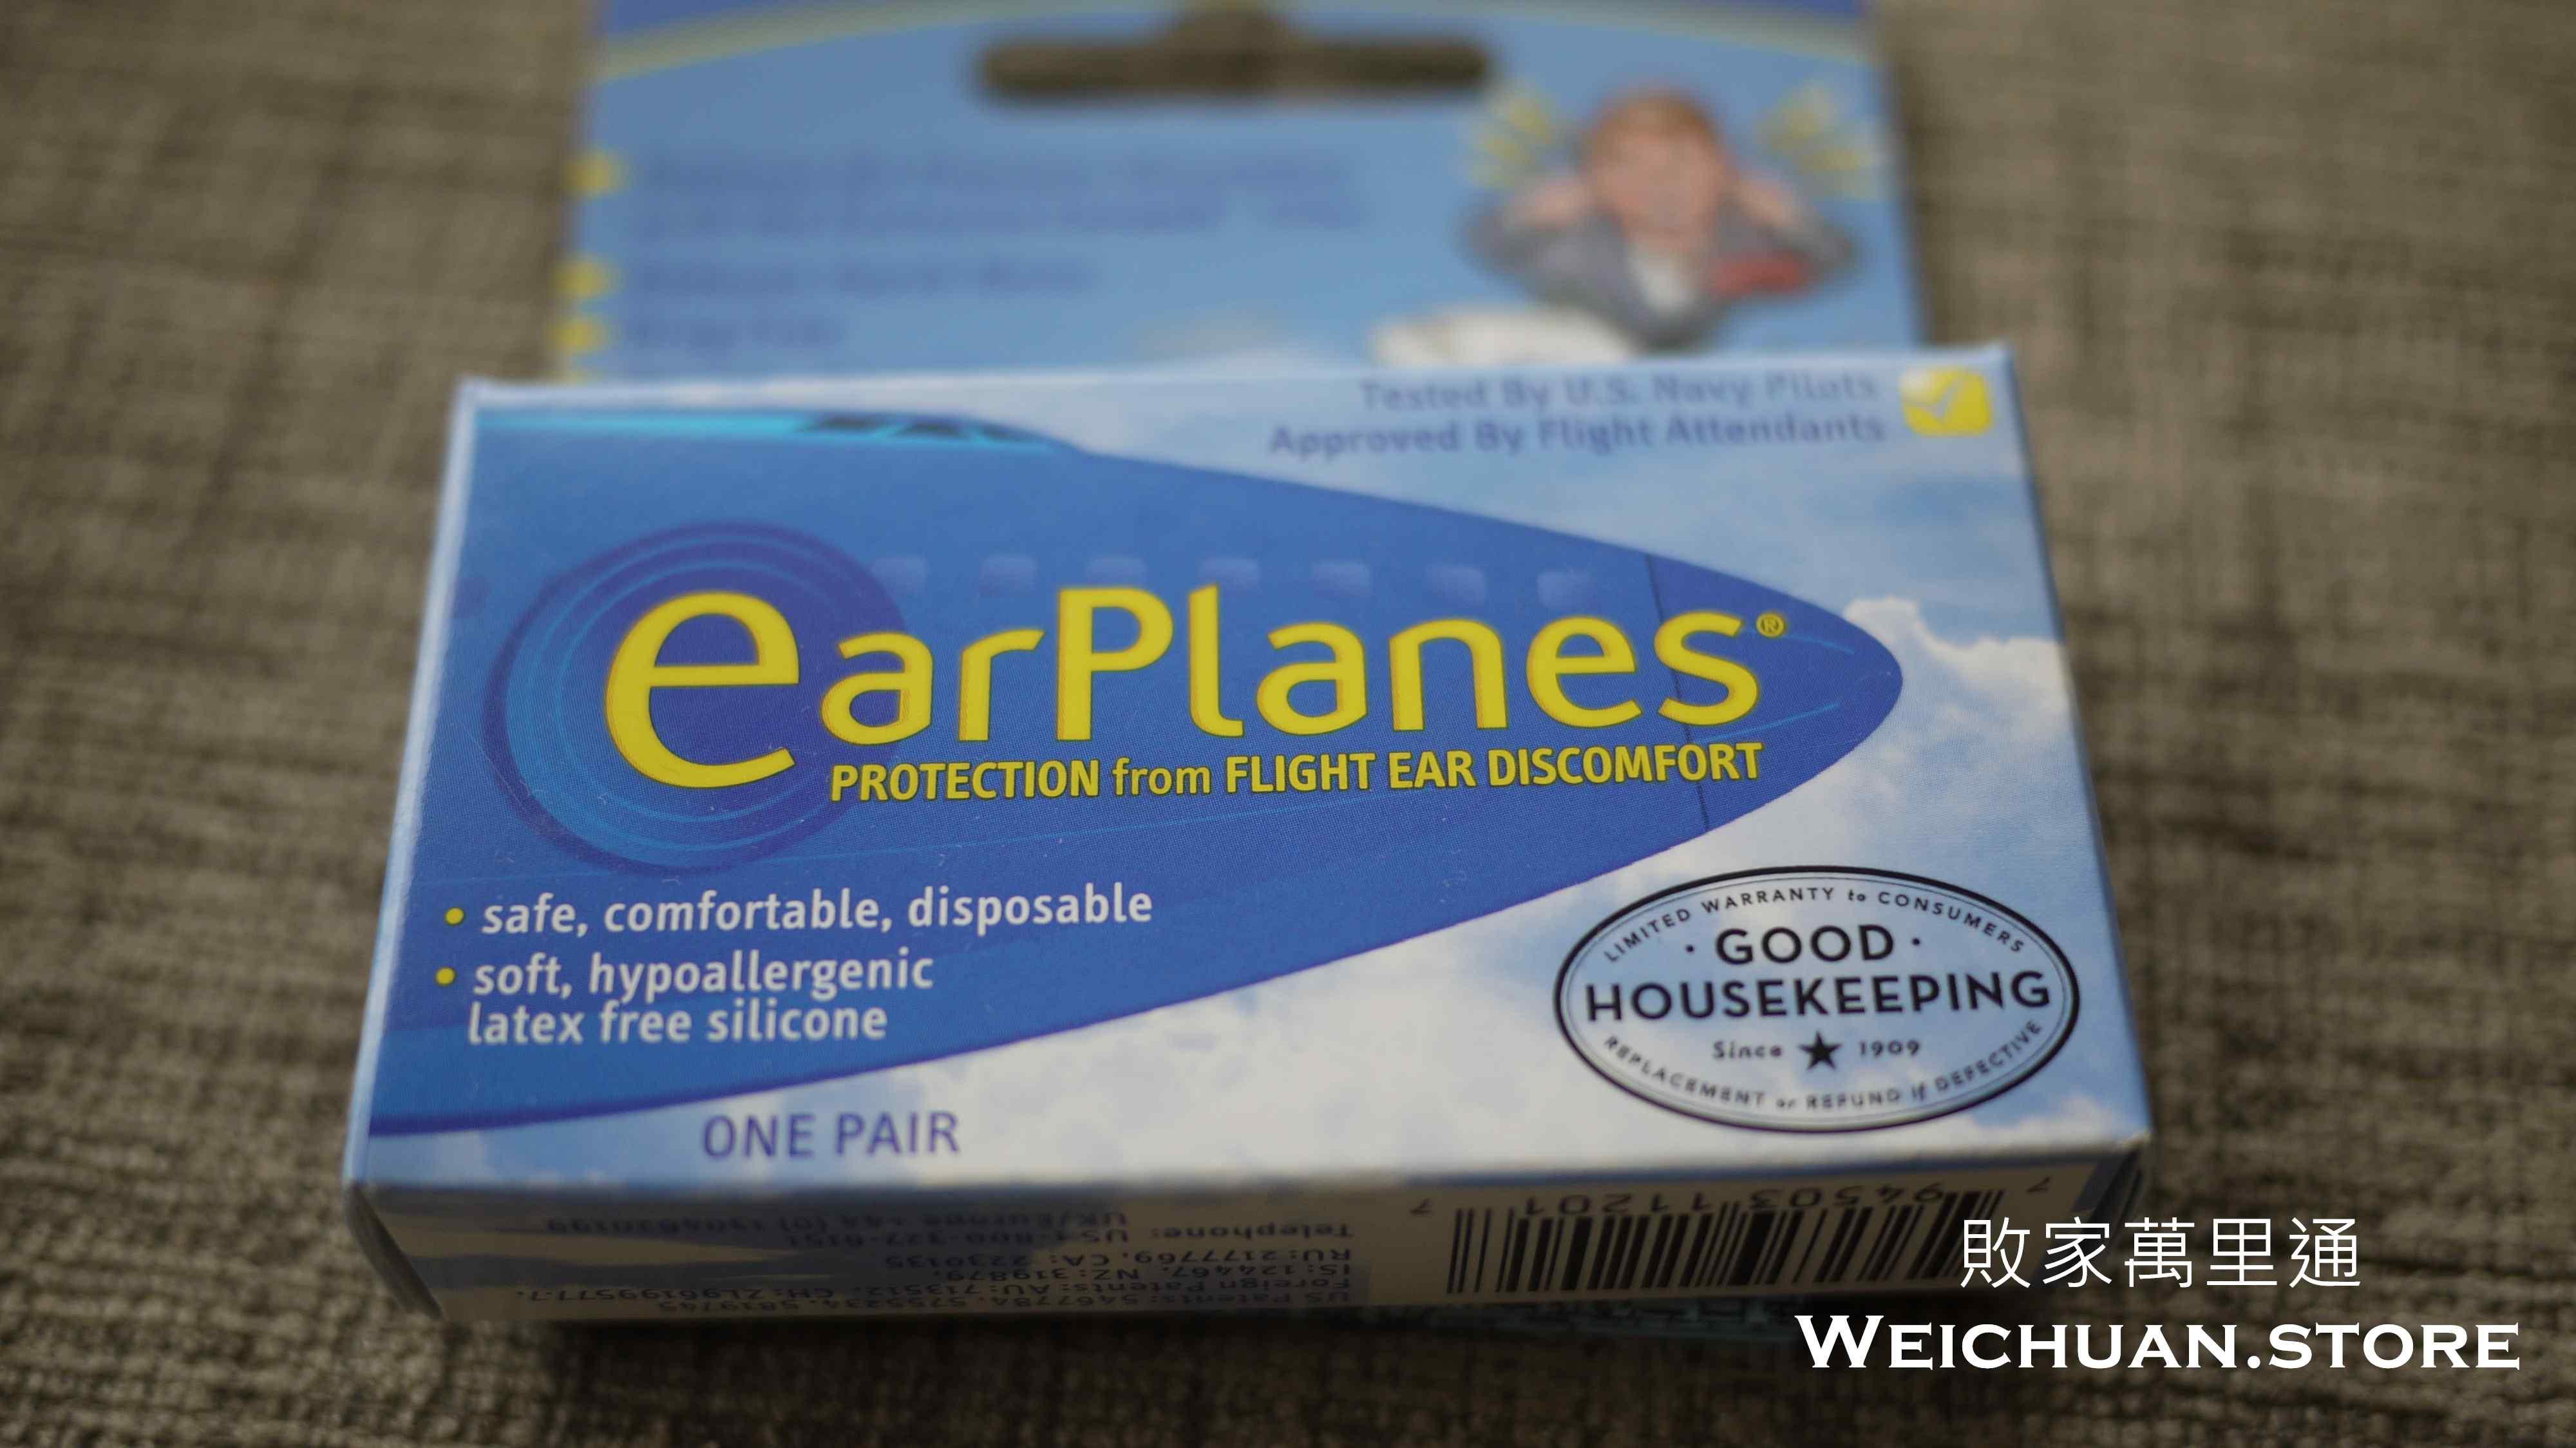 [飛行]EarPlanes飛行耳塞